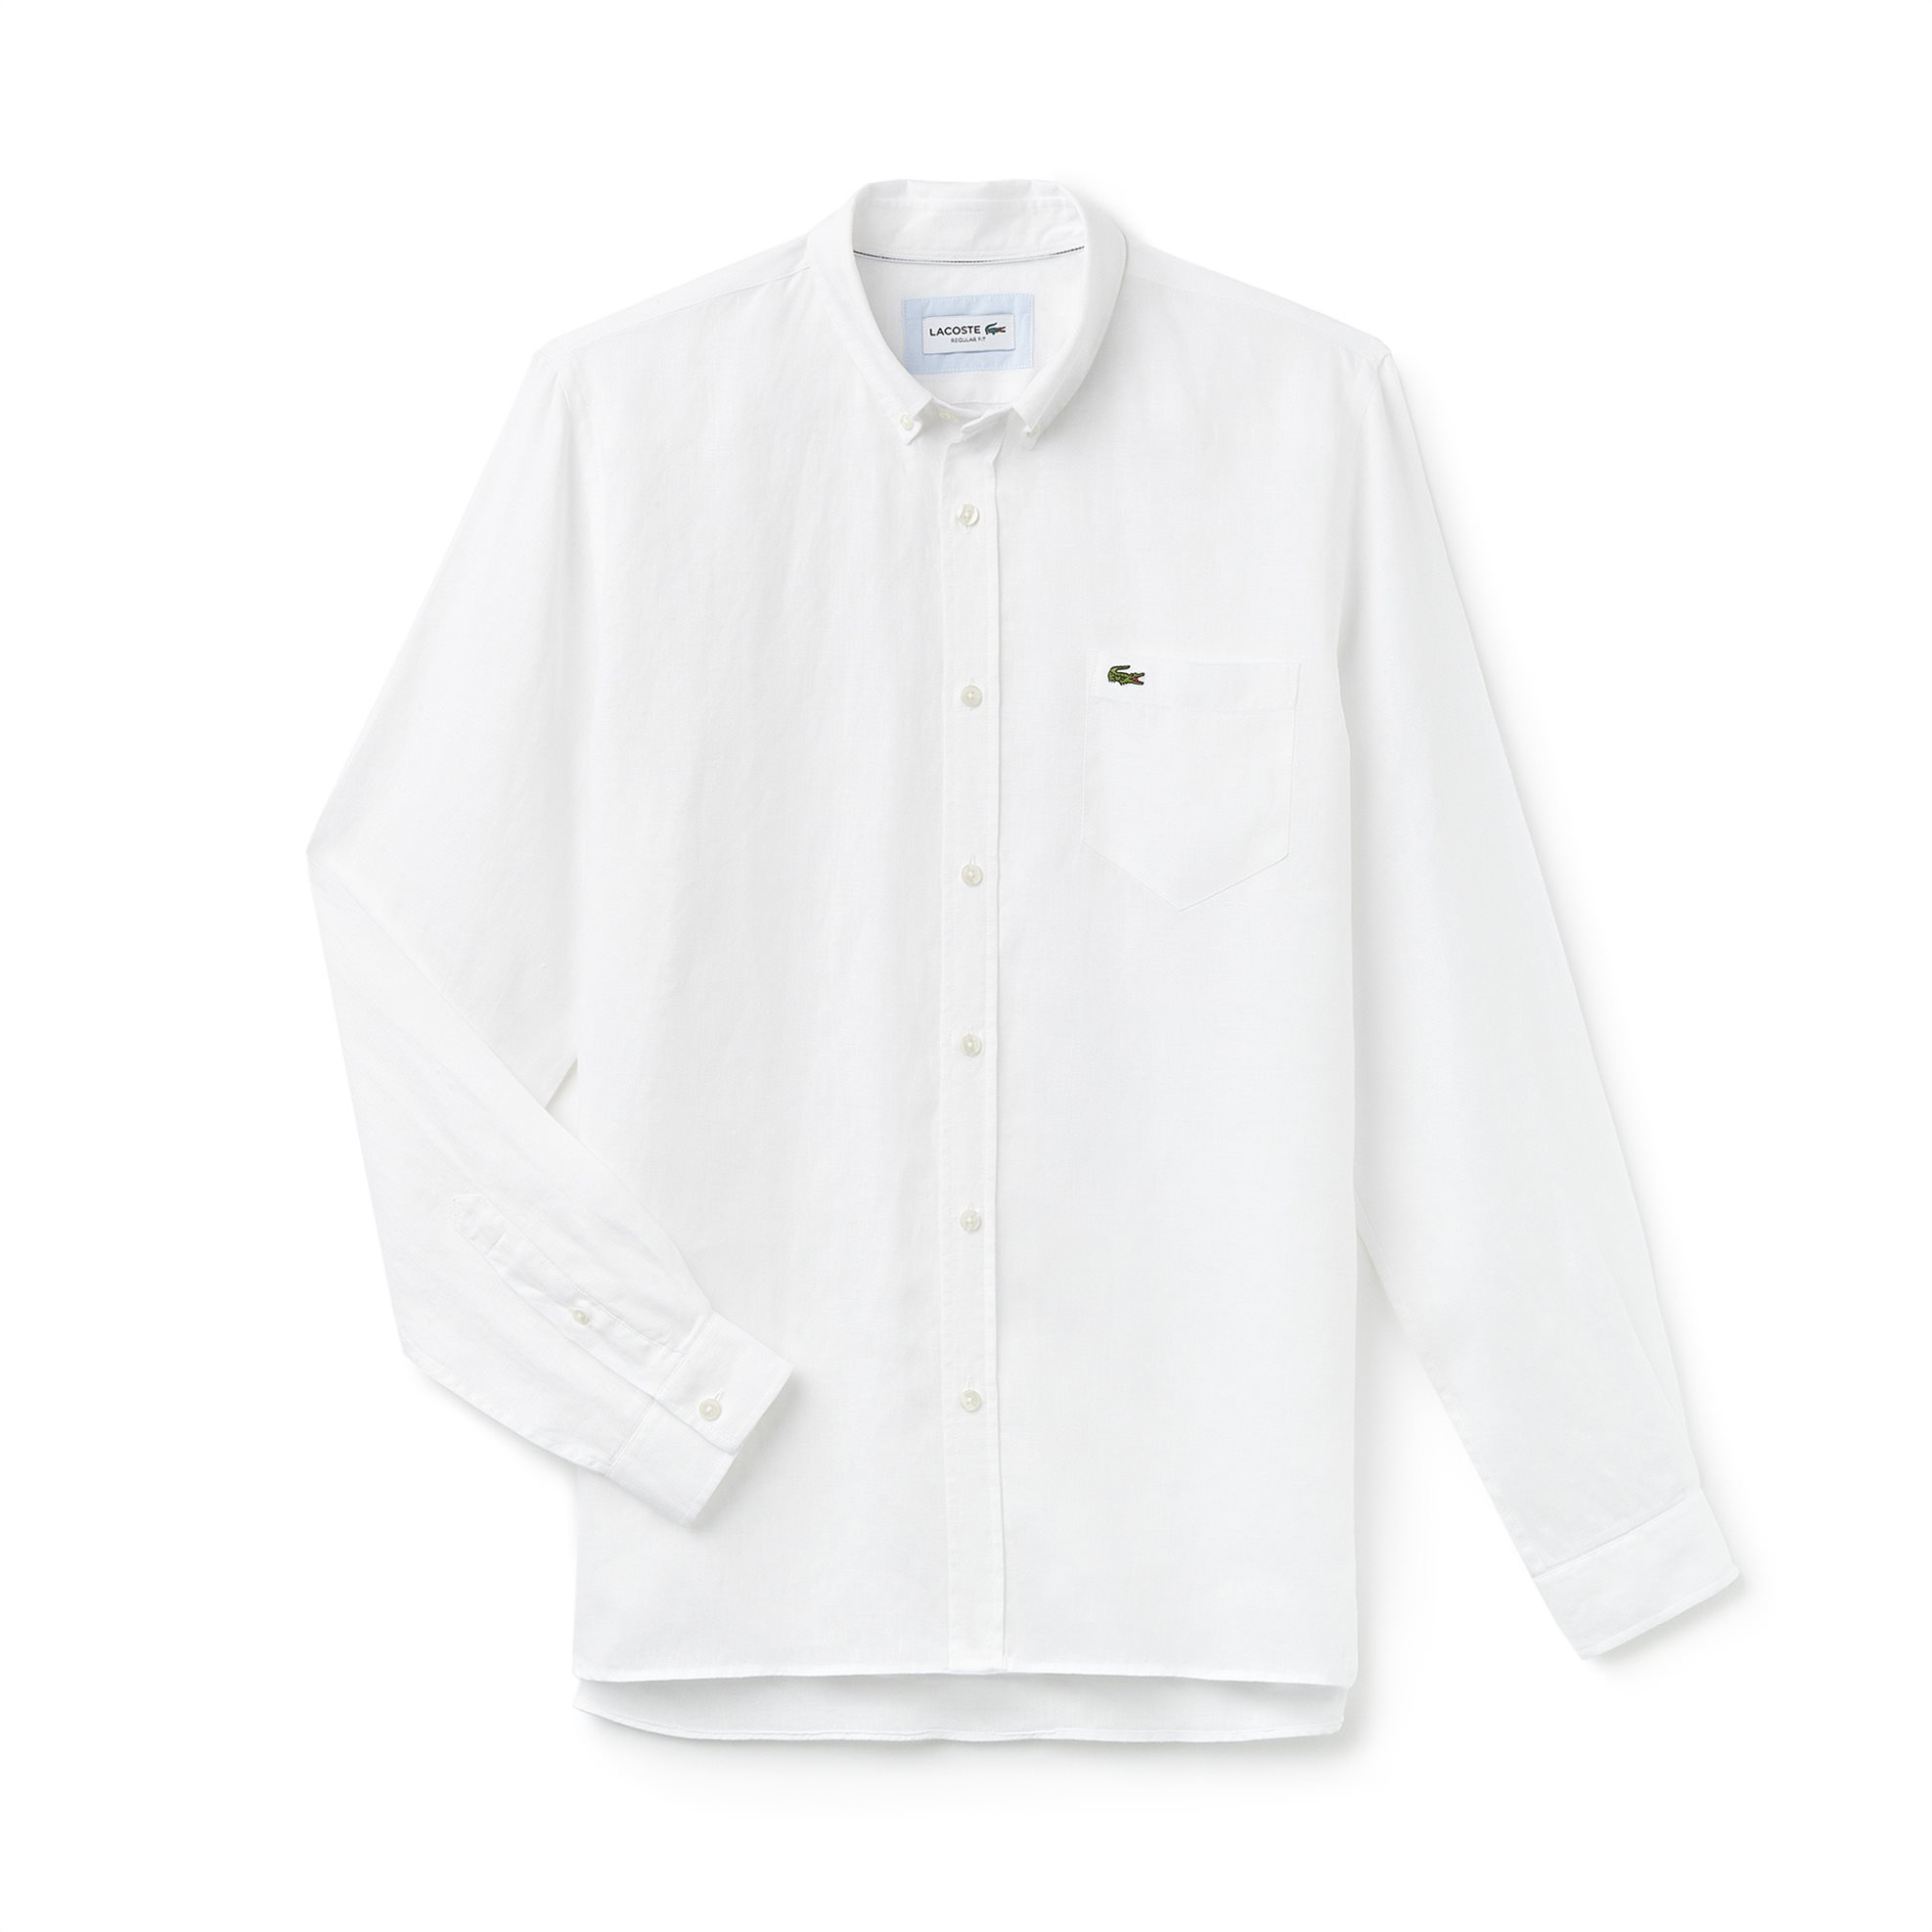 Ανδρικό πουκάμισο λινό Spring Bloom Lacoste - CH4990 - Λευκό ανδρασ   ρουχα   πουκάμισα   casual   επίσημα   βραδυνά